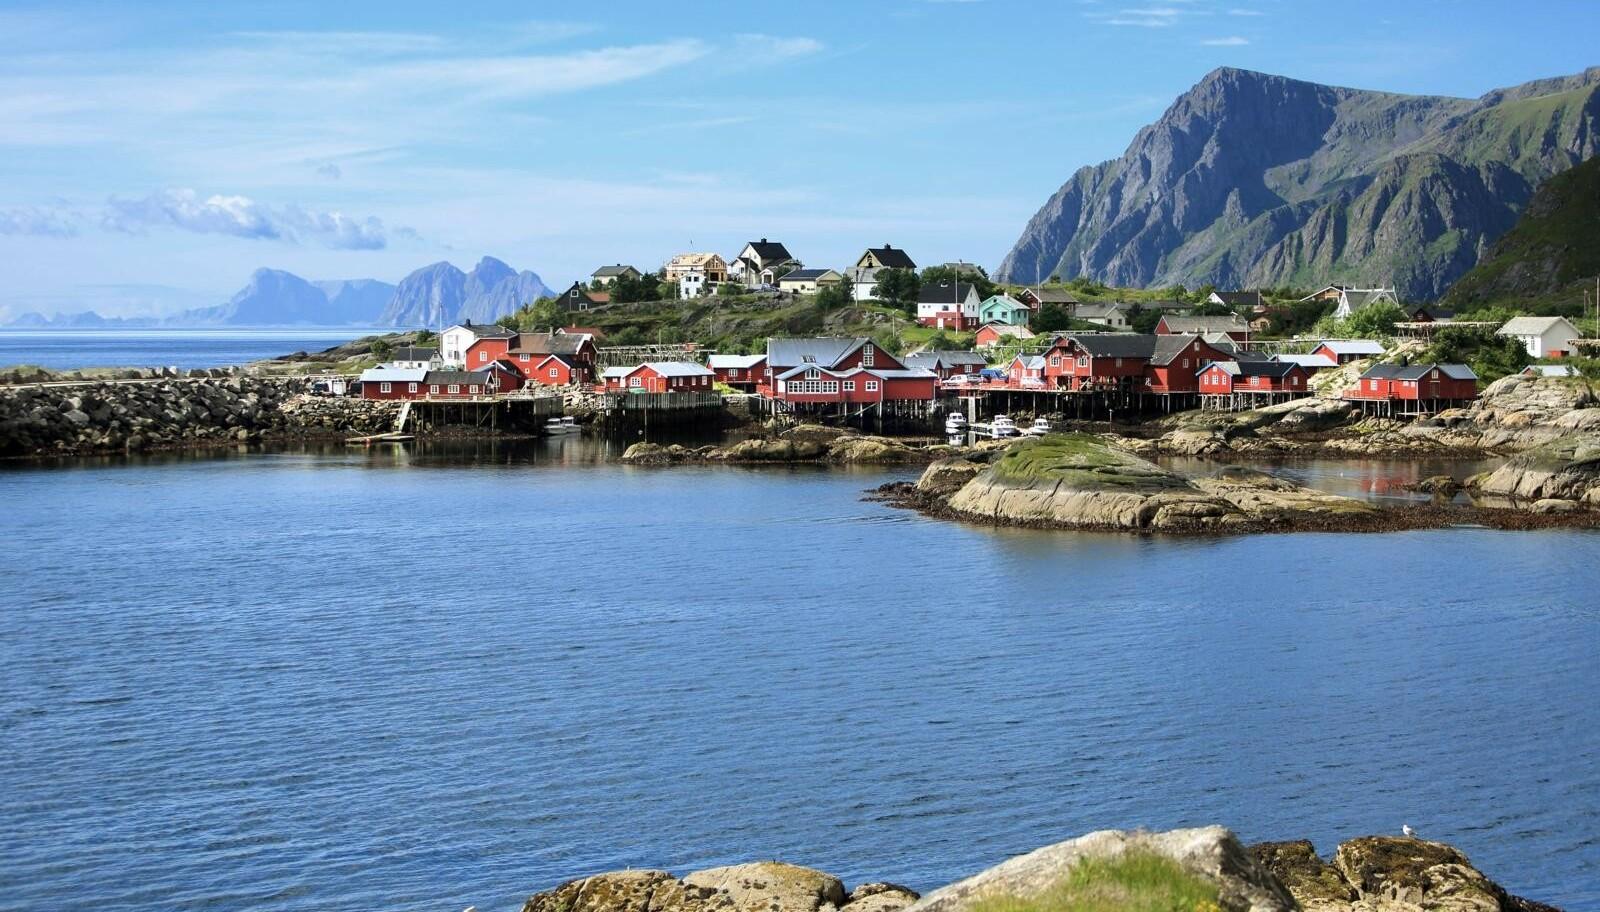 Helt på tuppen: Ytterst i Lofoten ligger denne naturskjønne øya med fredede trehus på rekke og rad.